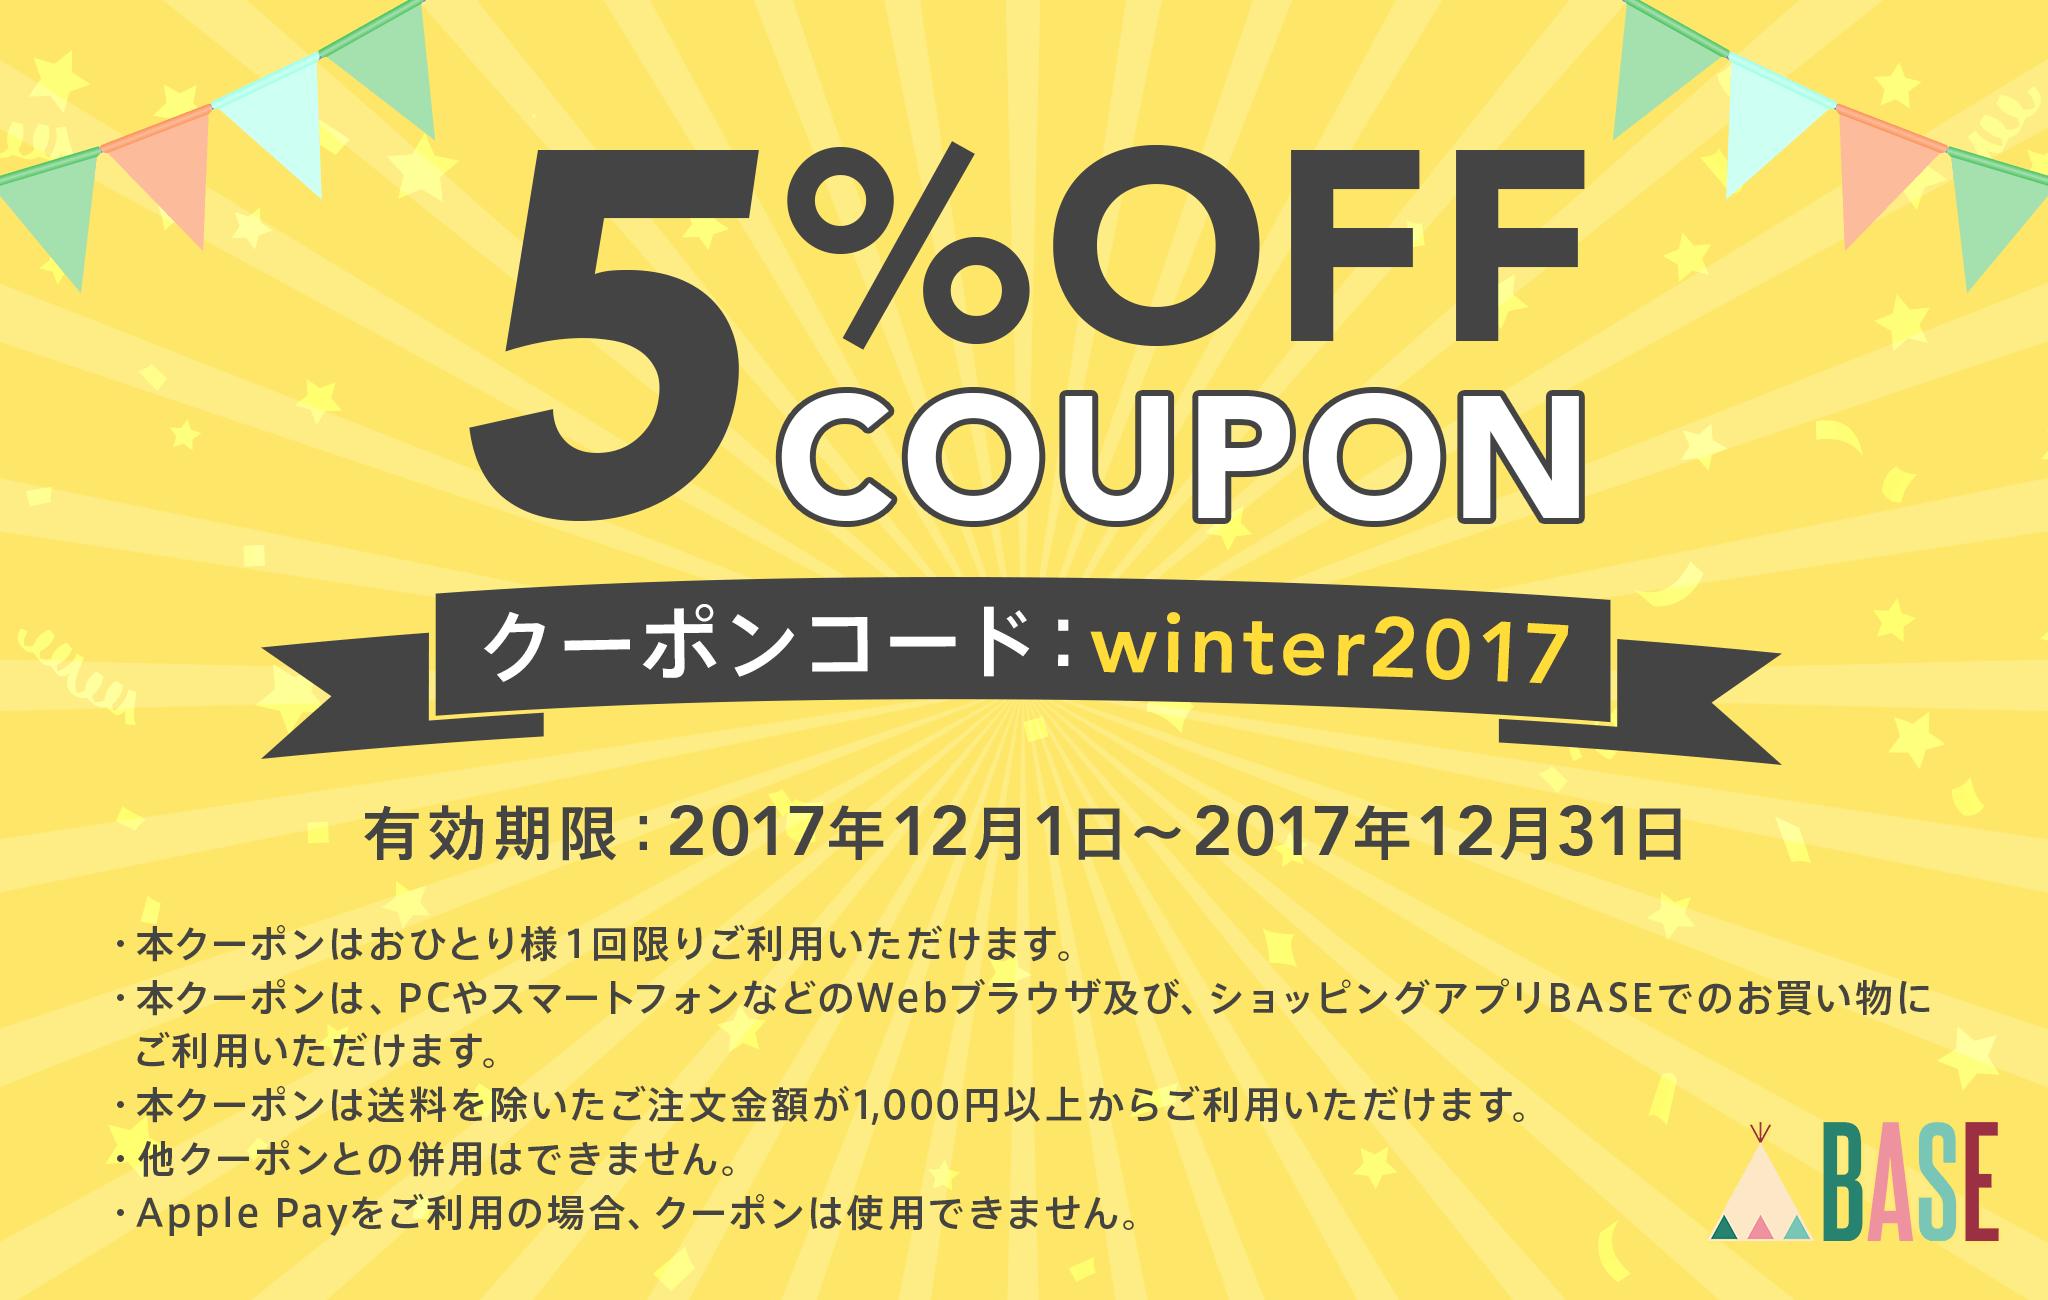 12/1-12/31まで☆5%OFFクーポン プレゼント キャンペーン!